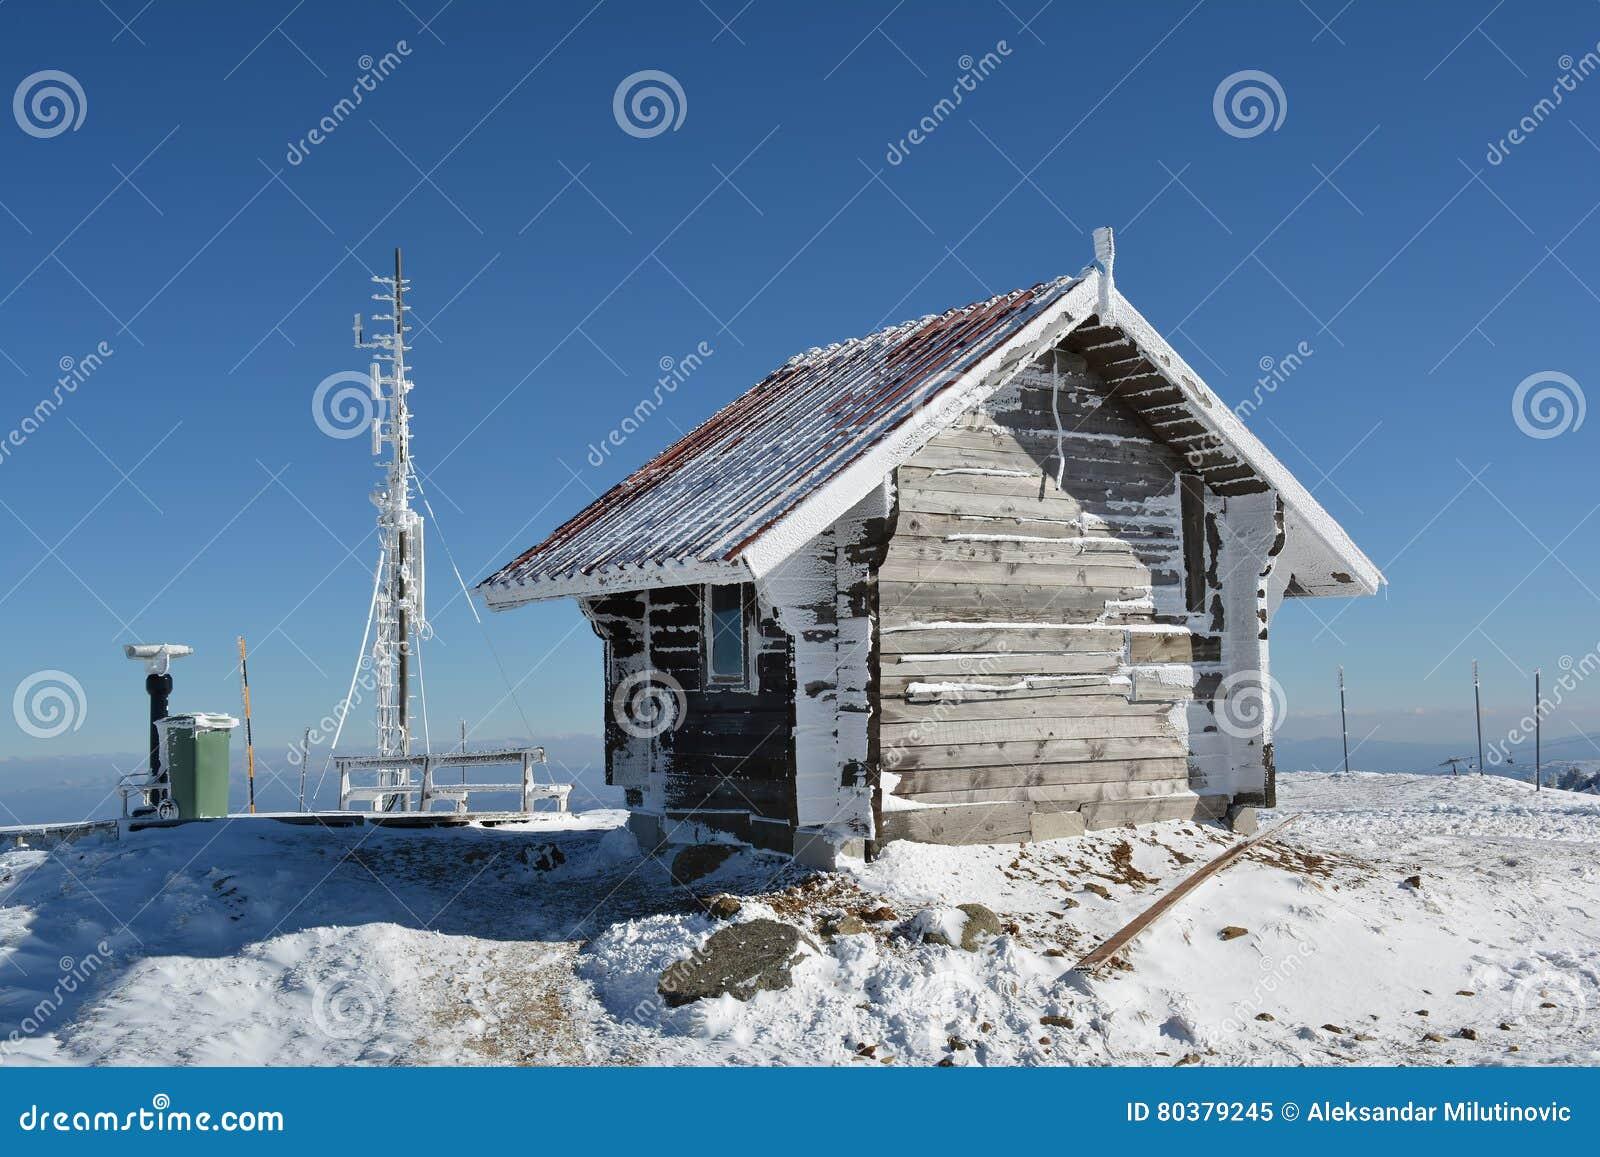 Piccola casa di ceppo, antenna congelata ed alcun altra roba